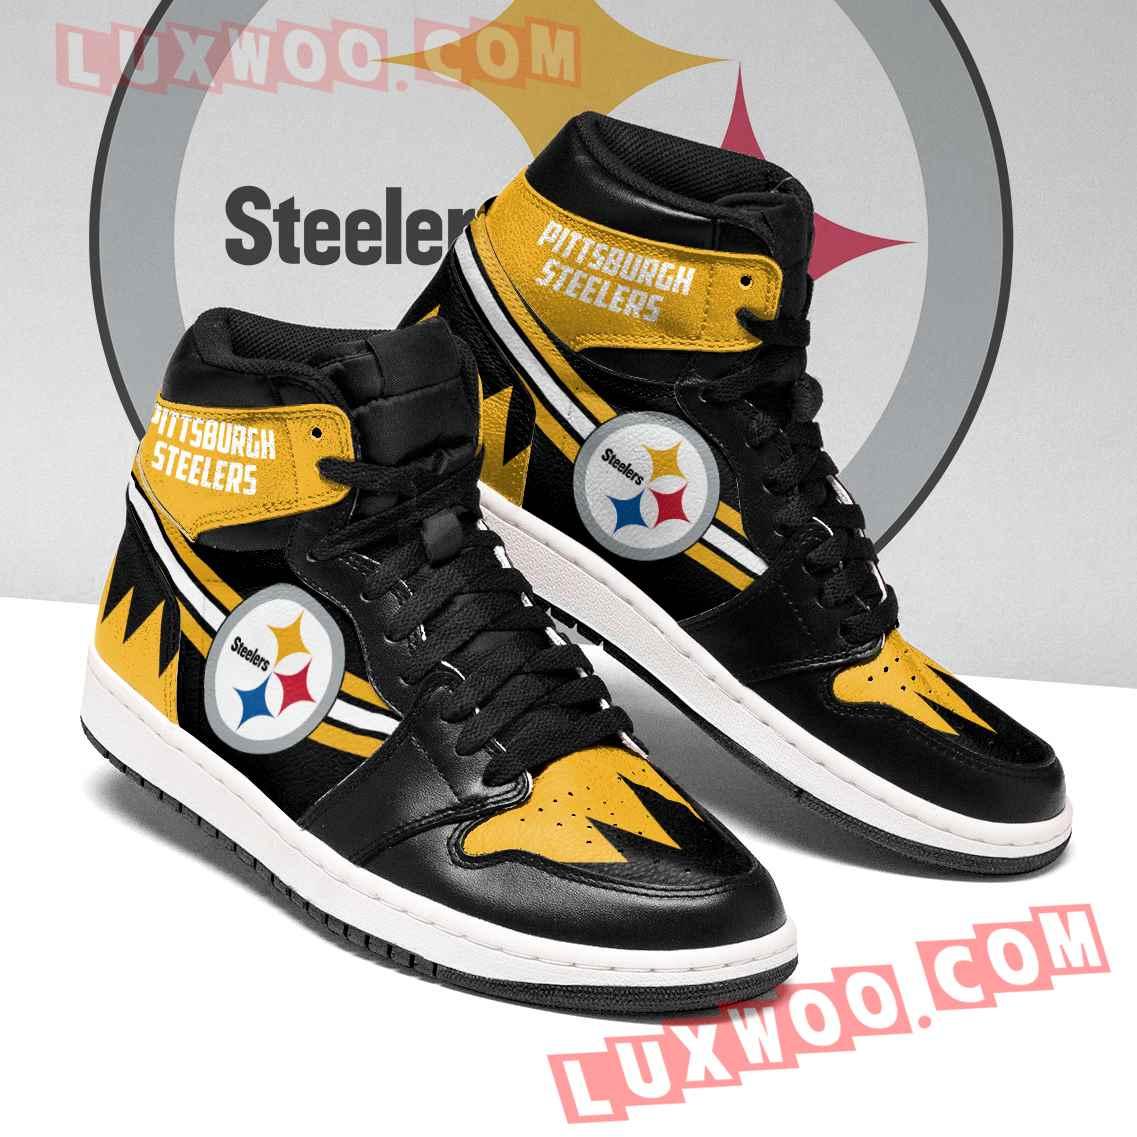 Pittsburgh Steelers Nfl Air Jordan 1 Custom Shoes Sneaker V4